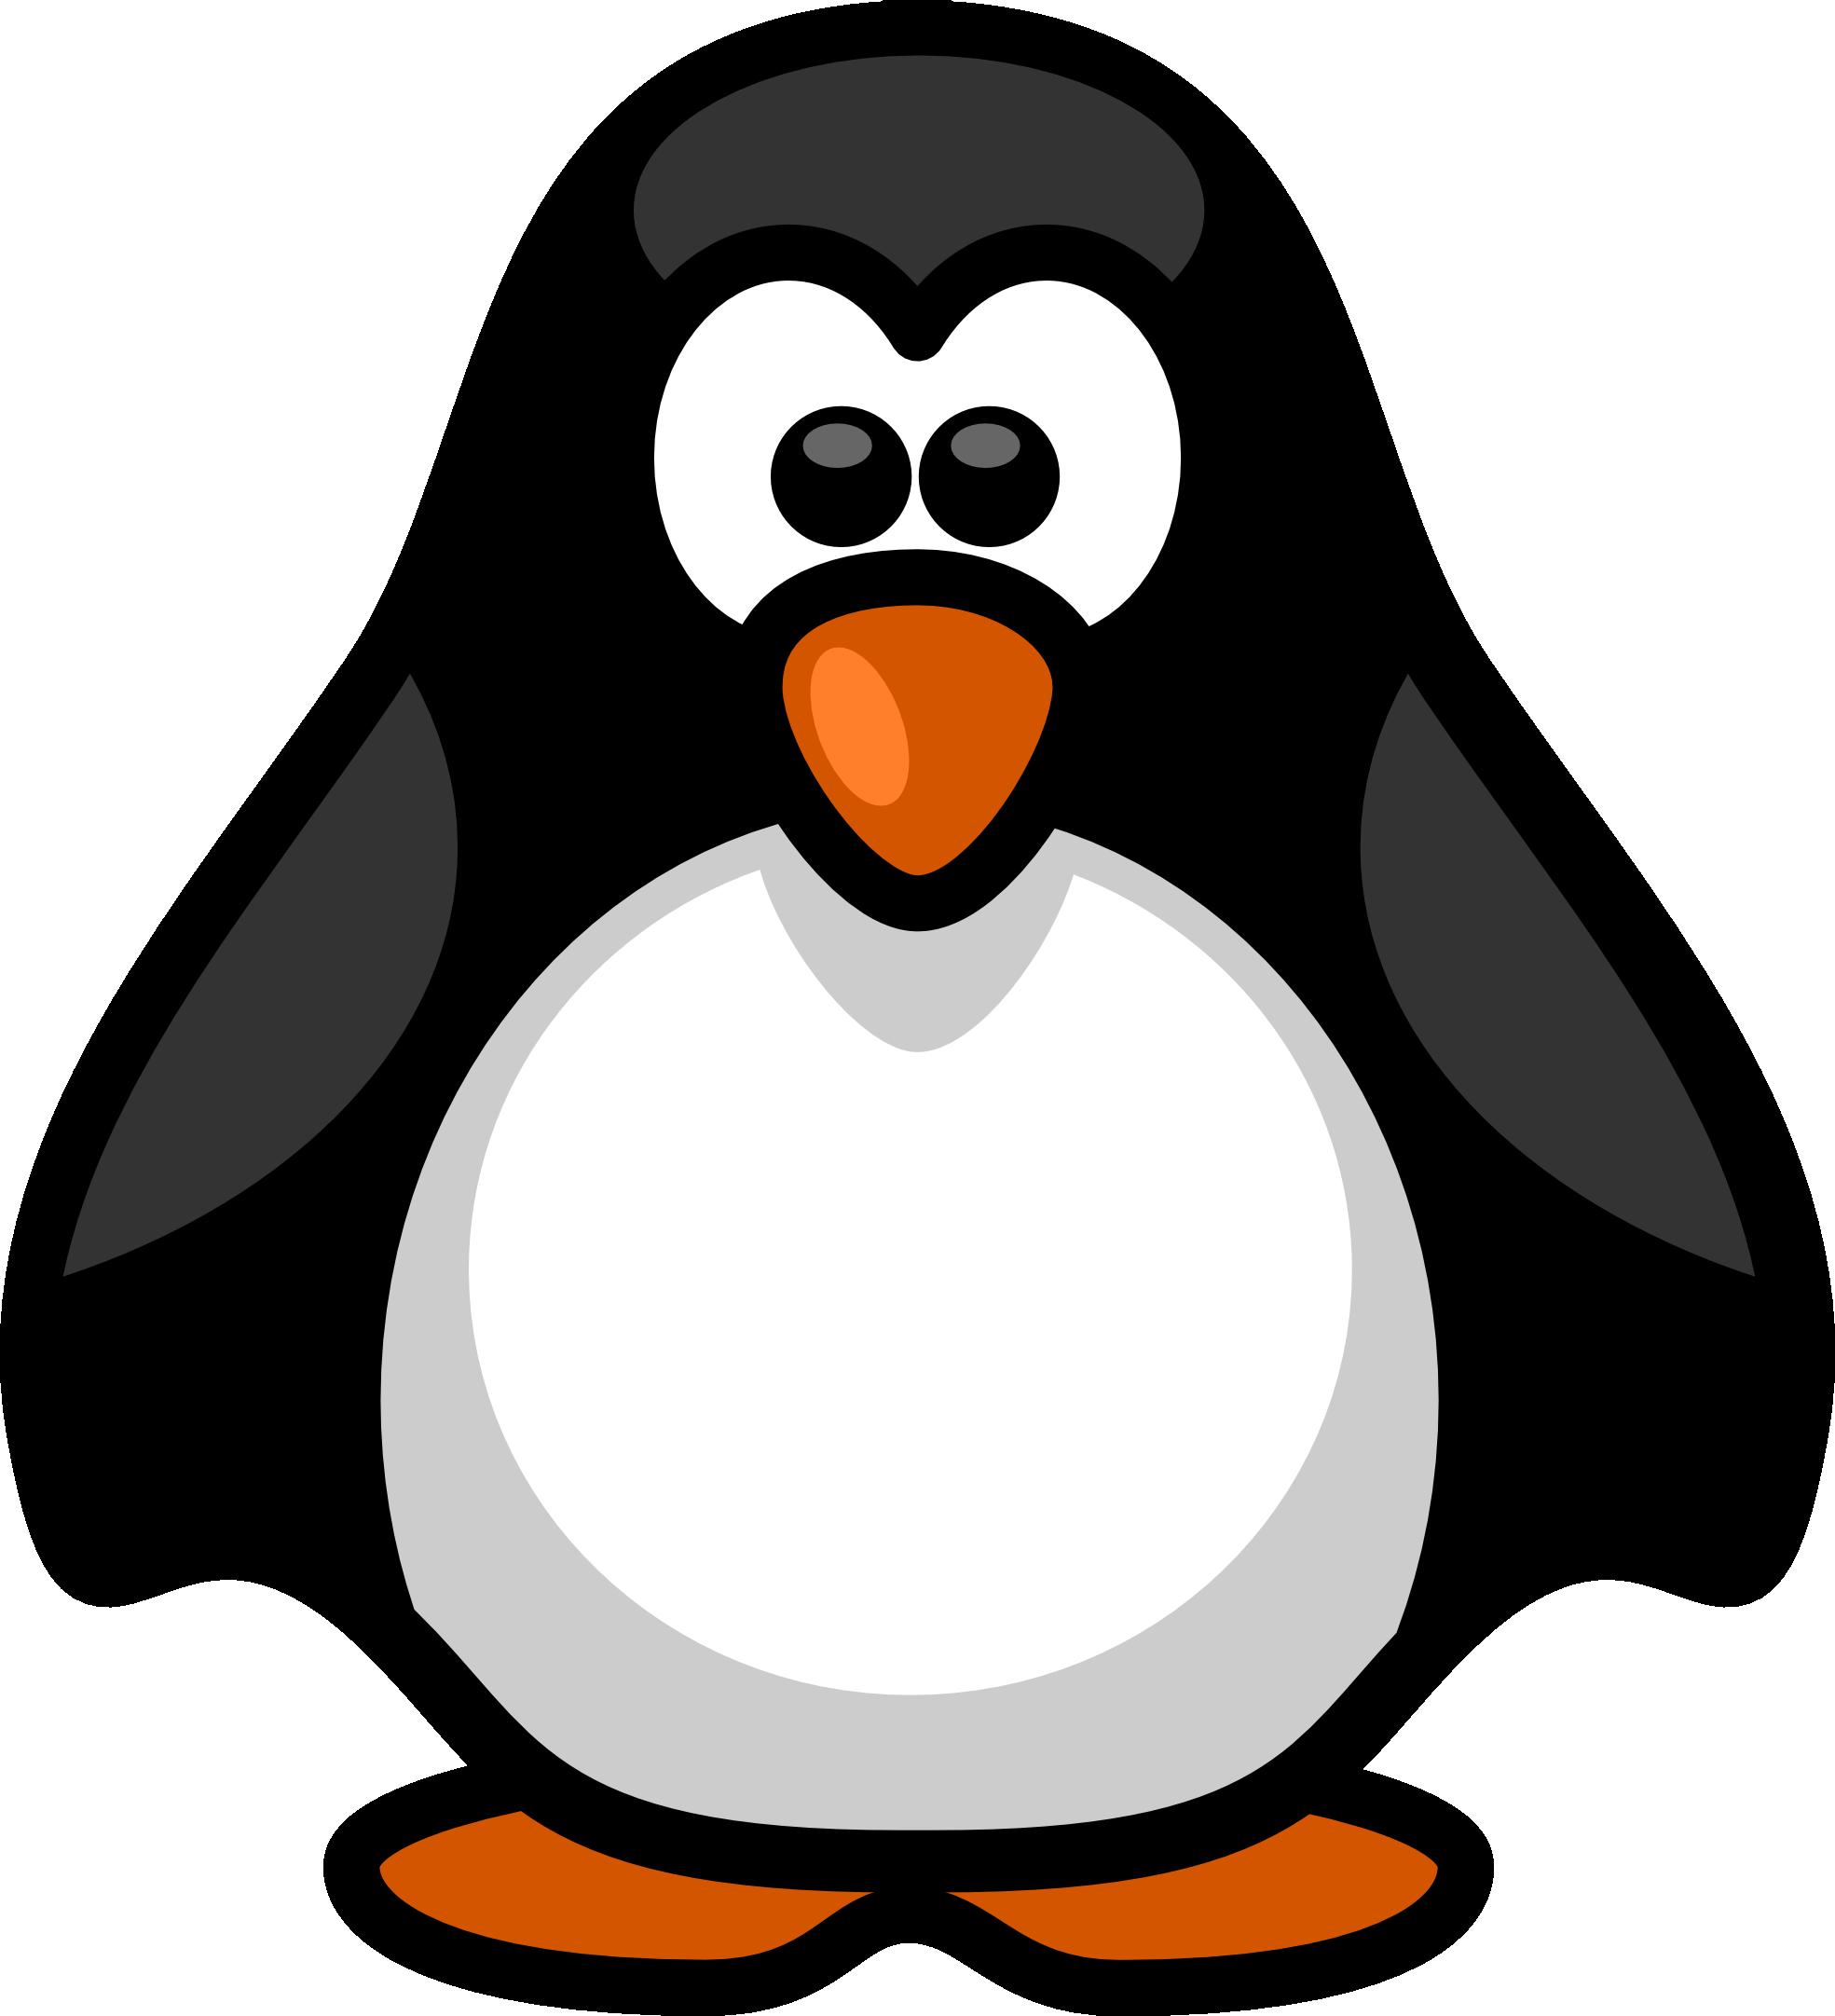 Penguin clipart Art Clipart Images Penguin Free